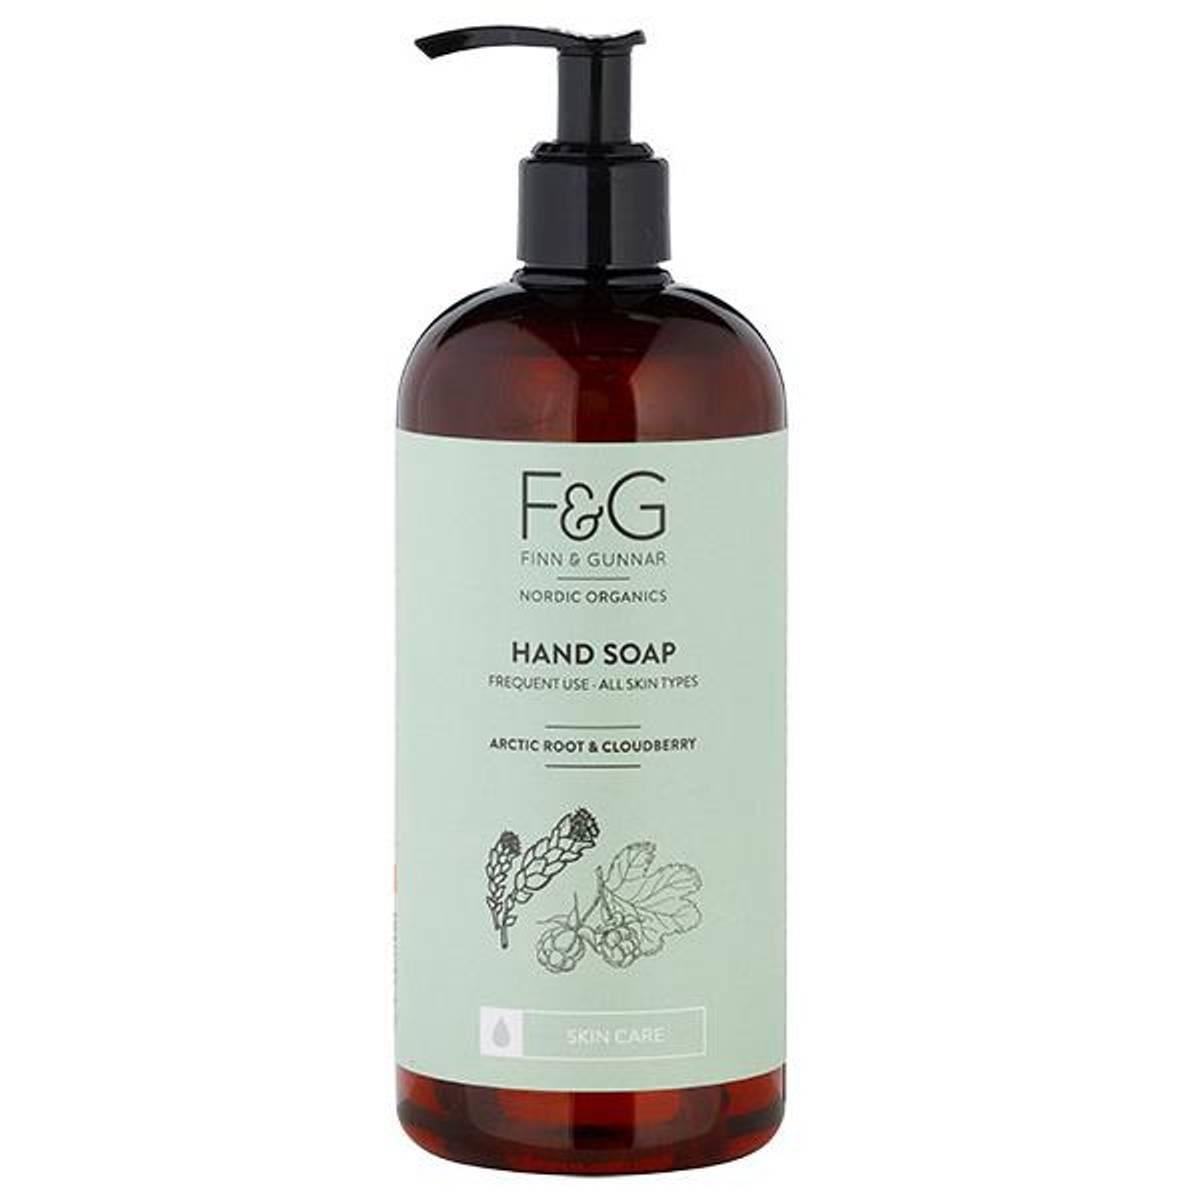 F&G Nordic Organics Hand Soap 500 ml